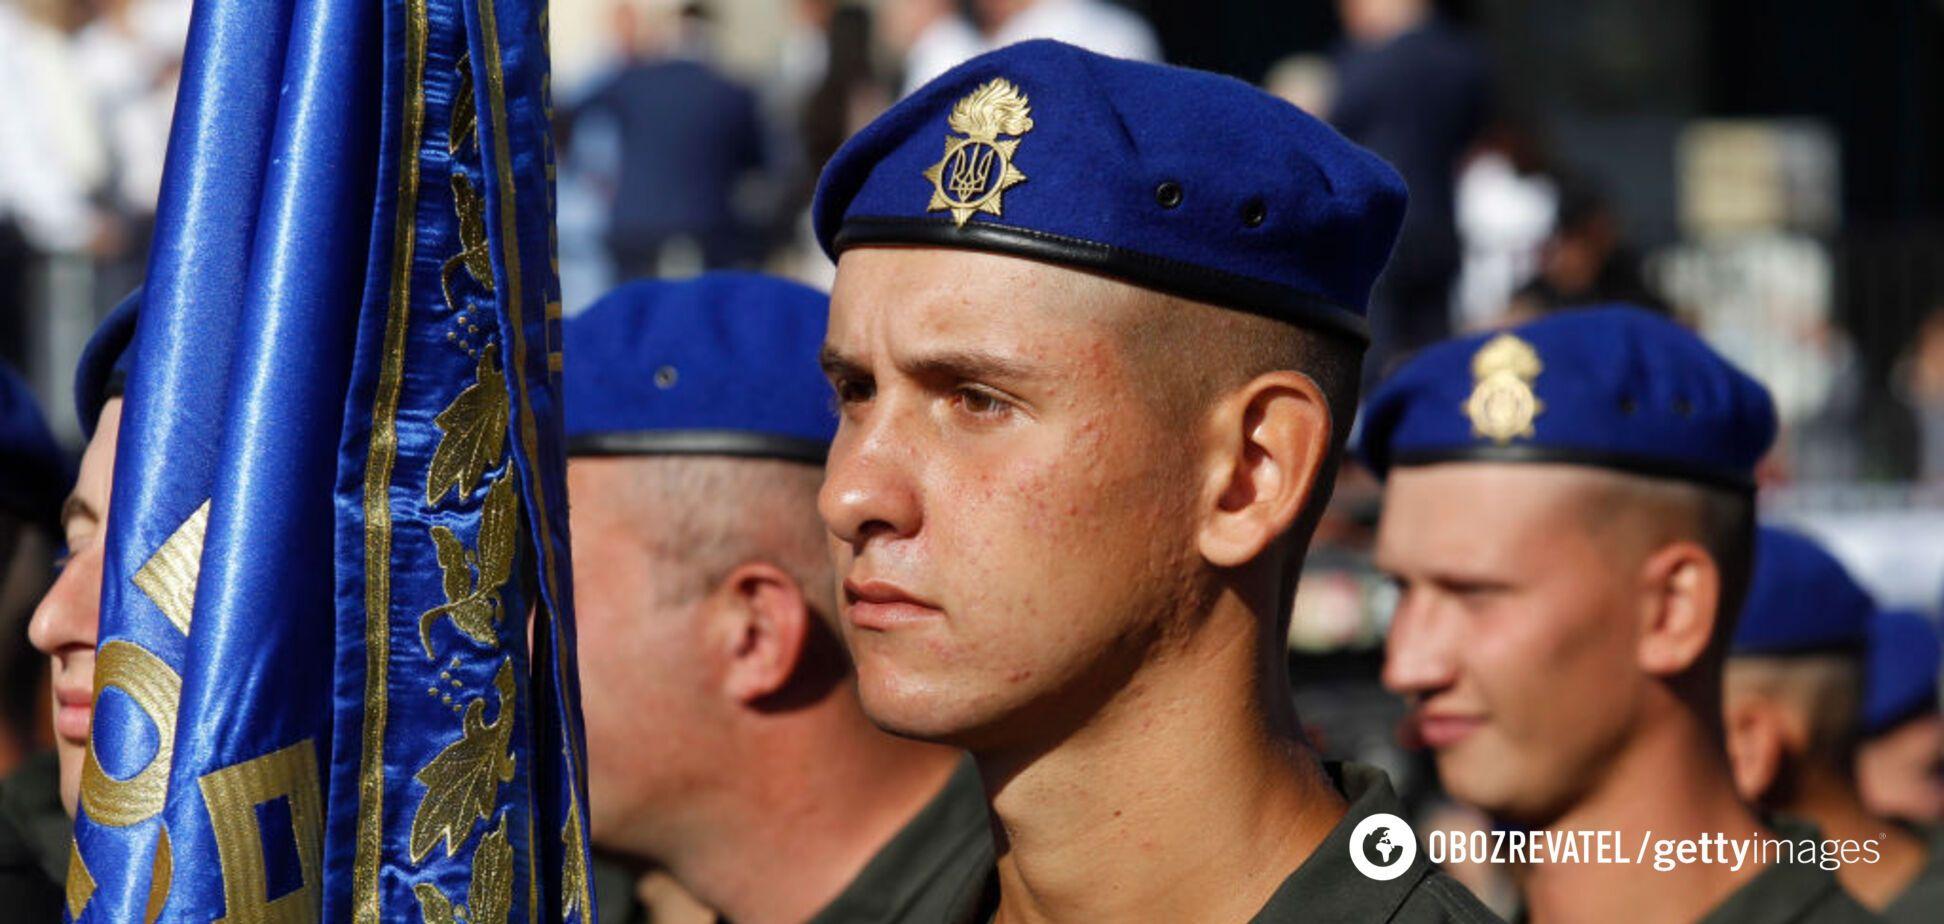 Воины Национальной гвардии Украины